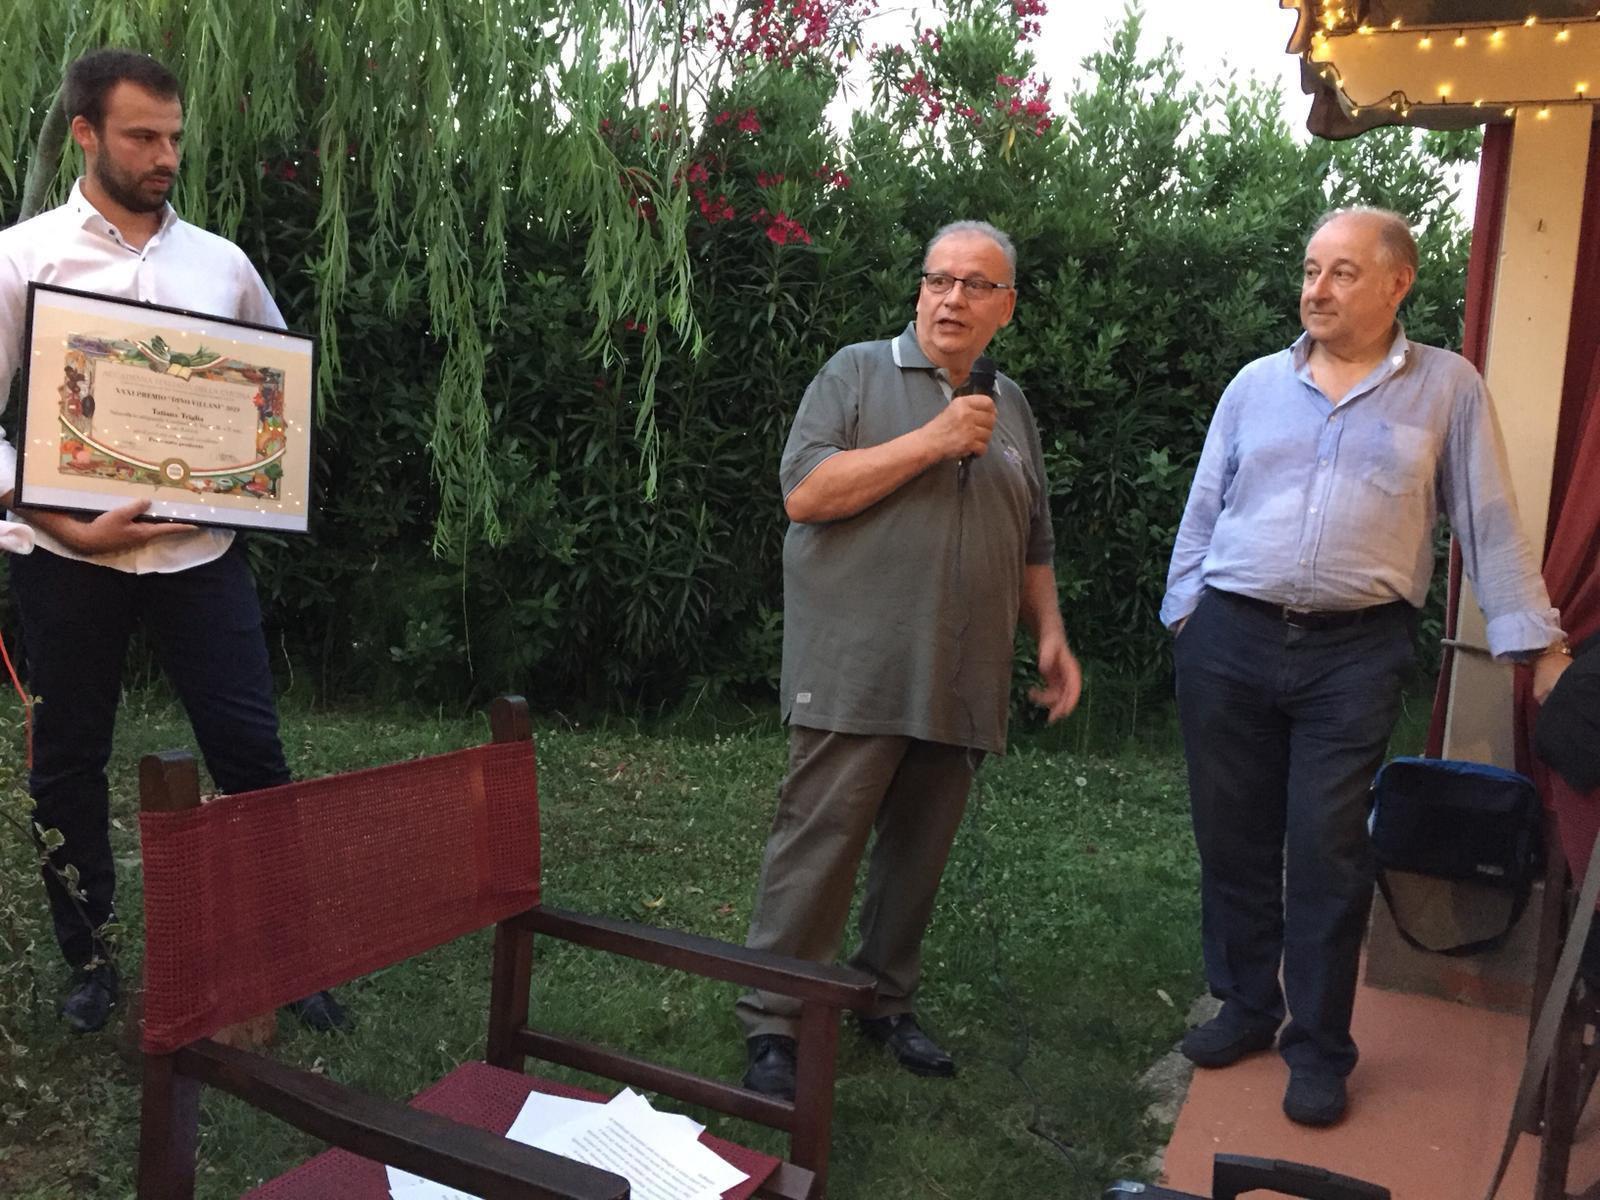 L'Accademia italiana della Cucina premia il salumificio Triglia